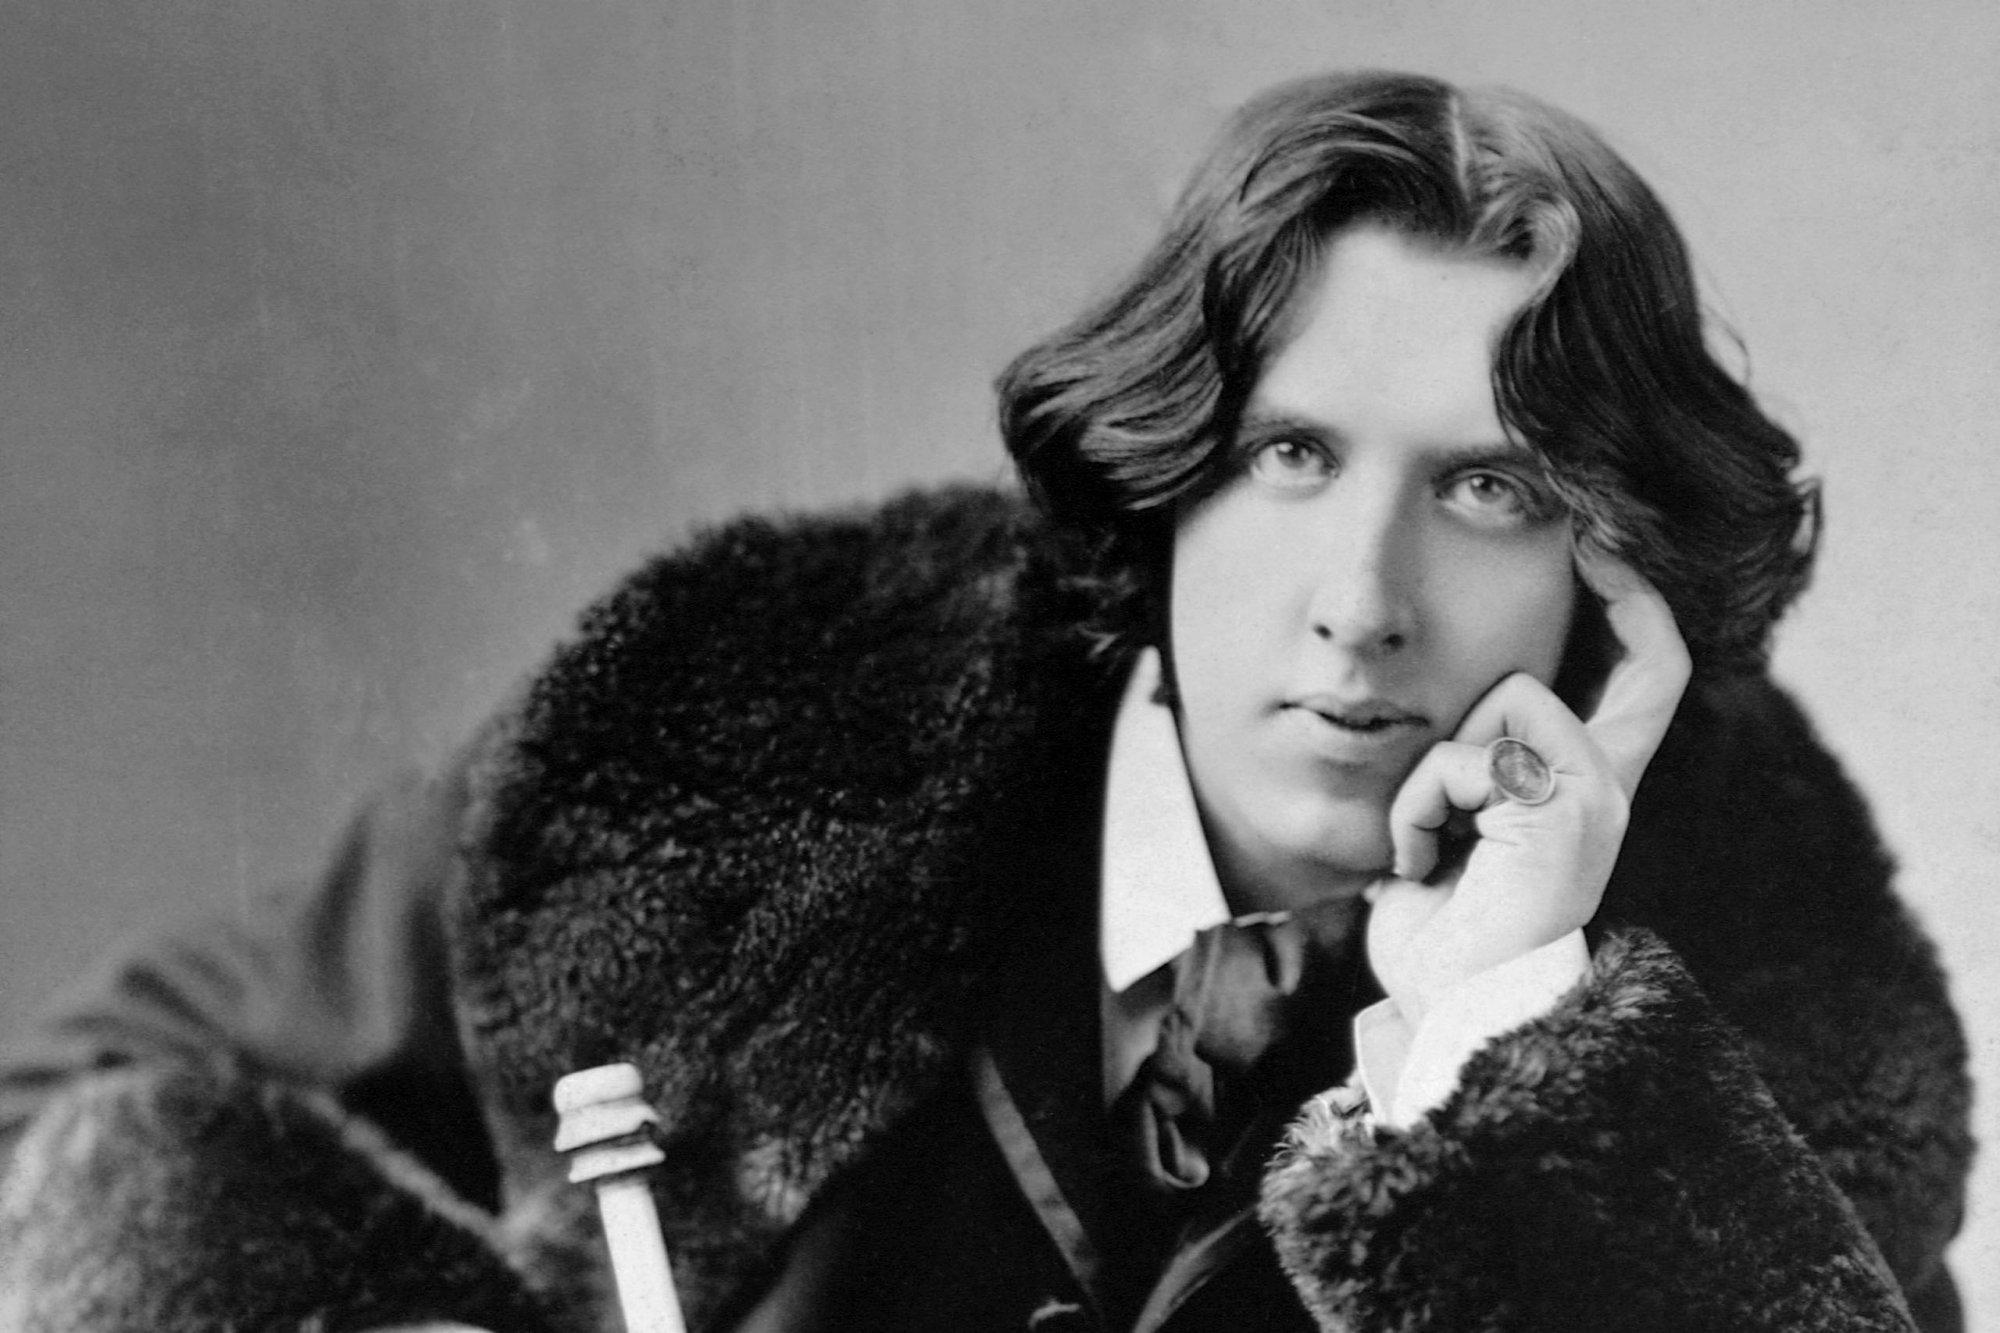 A pensive Oscar Wilde